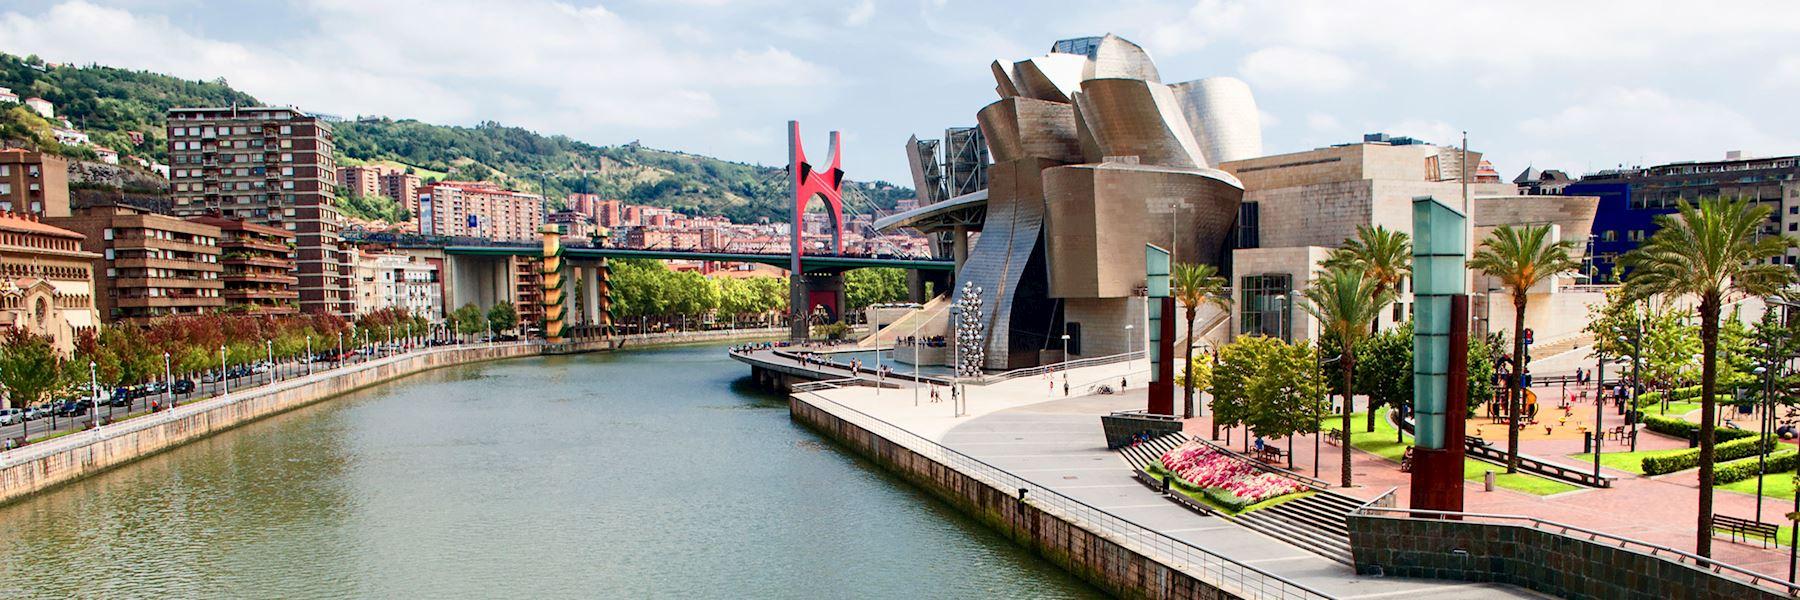 Visit Bilbao, Spain